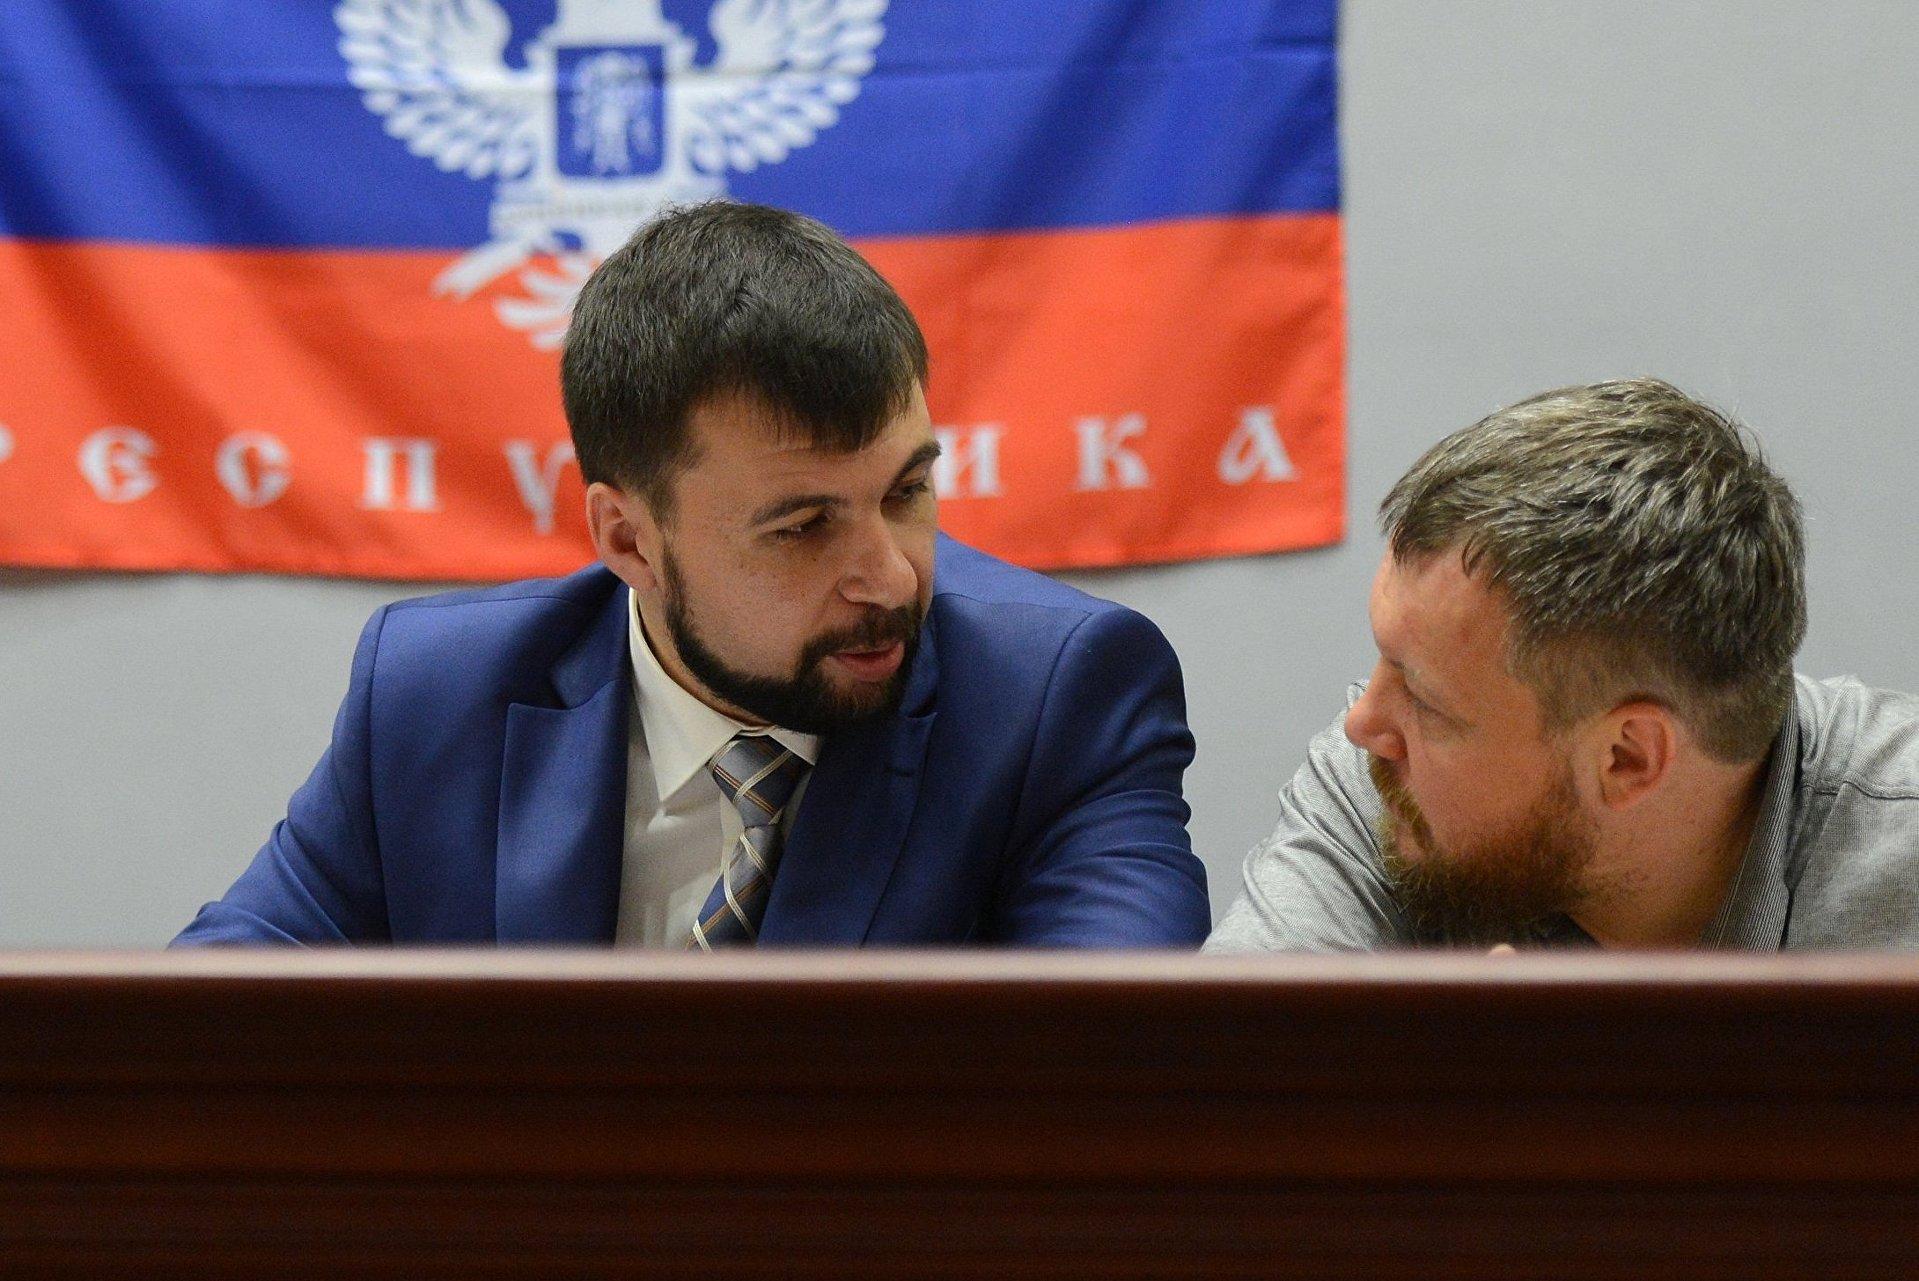 http://ukraina.ru/images/101422/79/1014227944.jpg